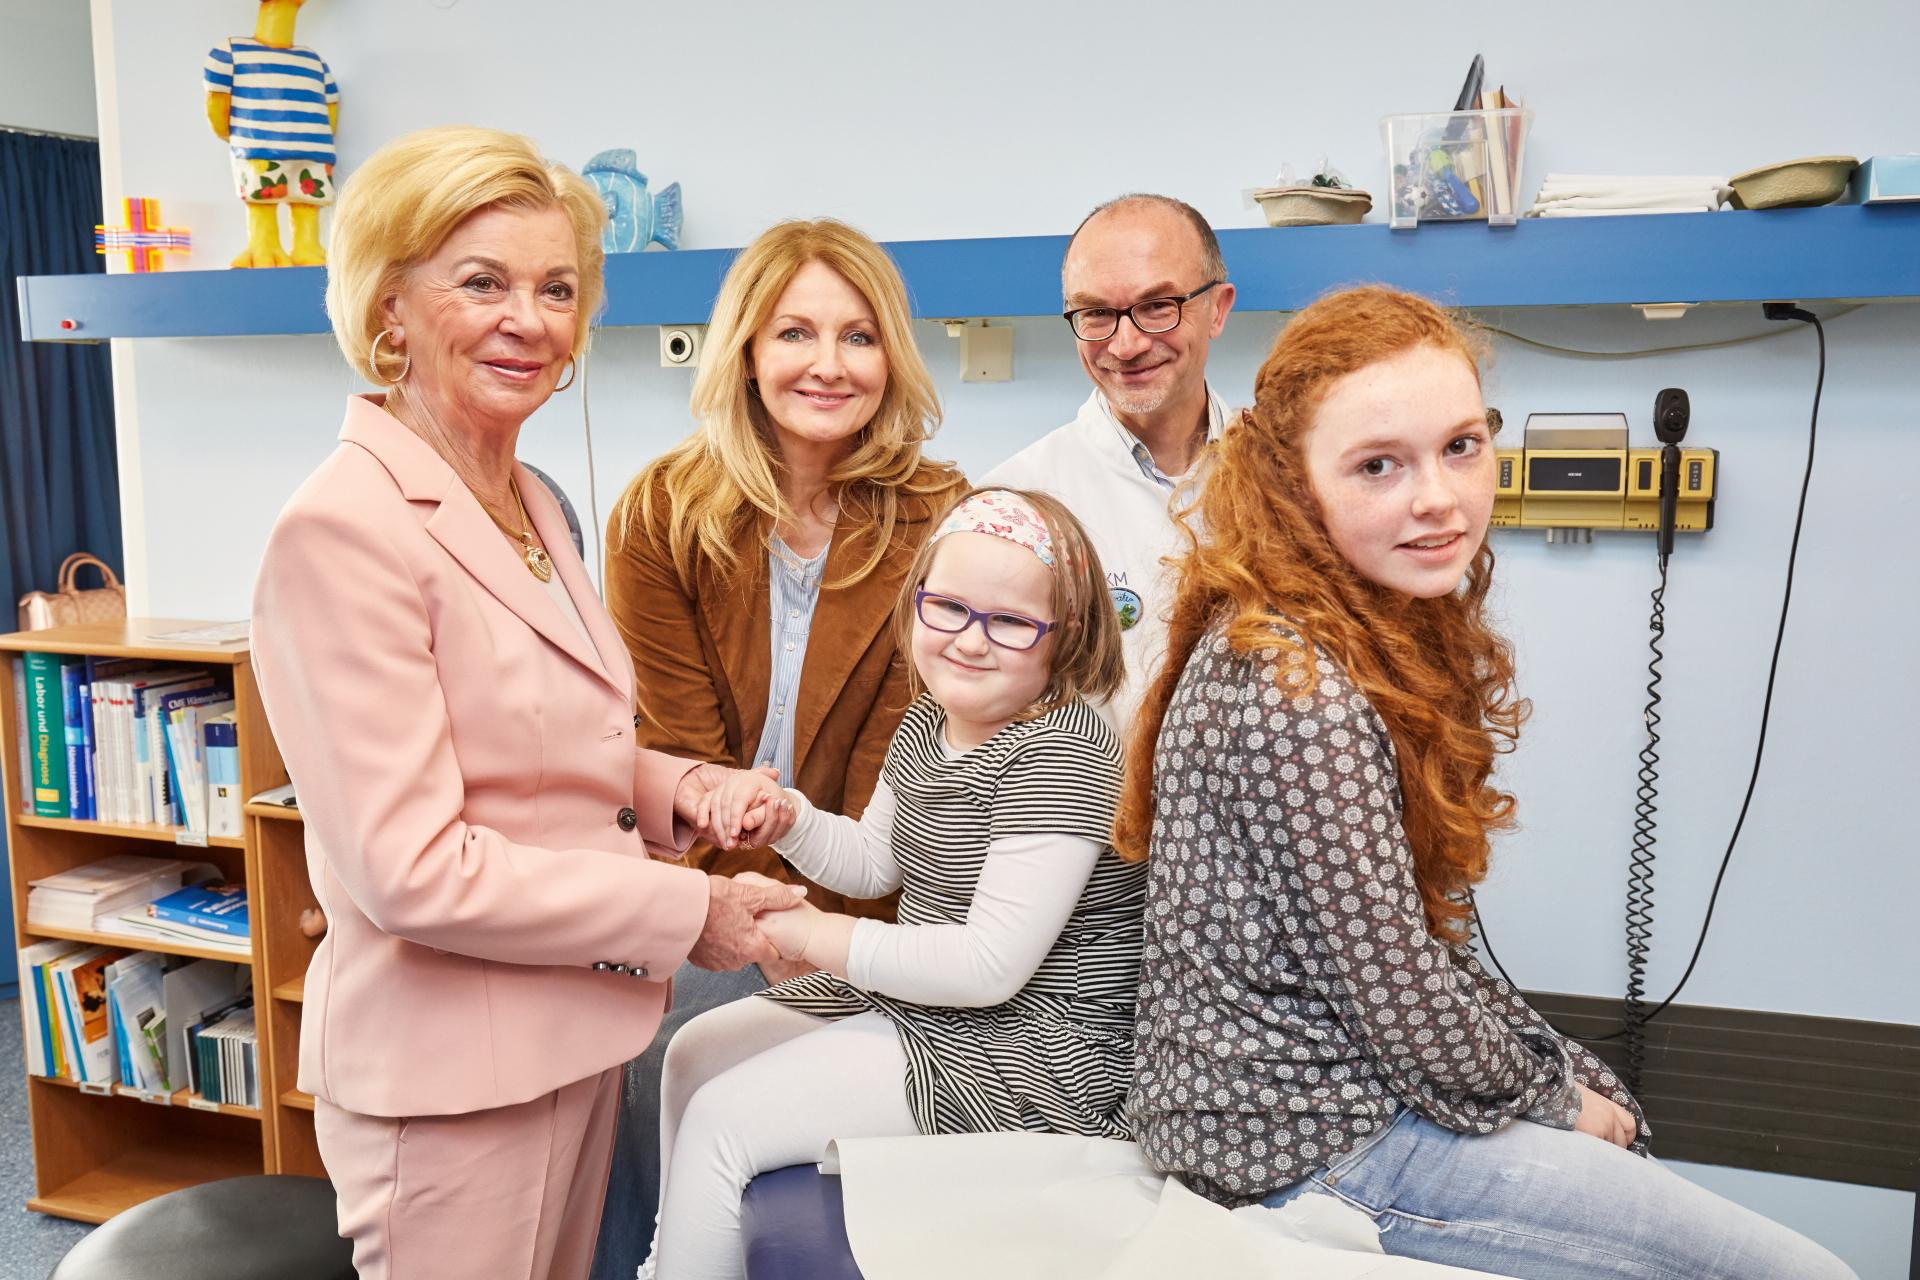 Liz Mohn, Frauke Ludowig und Oberatzt Dr. Ronald Str�ter hier mit den betroffenen Kindern Fehmke und Janina